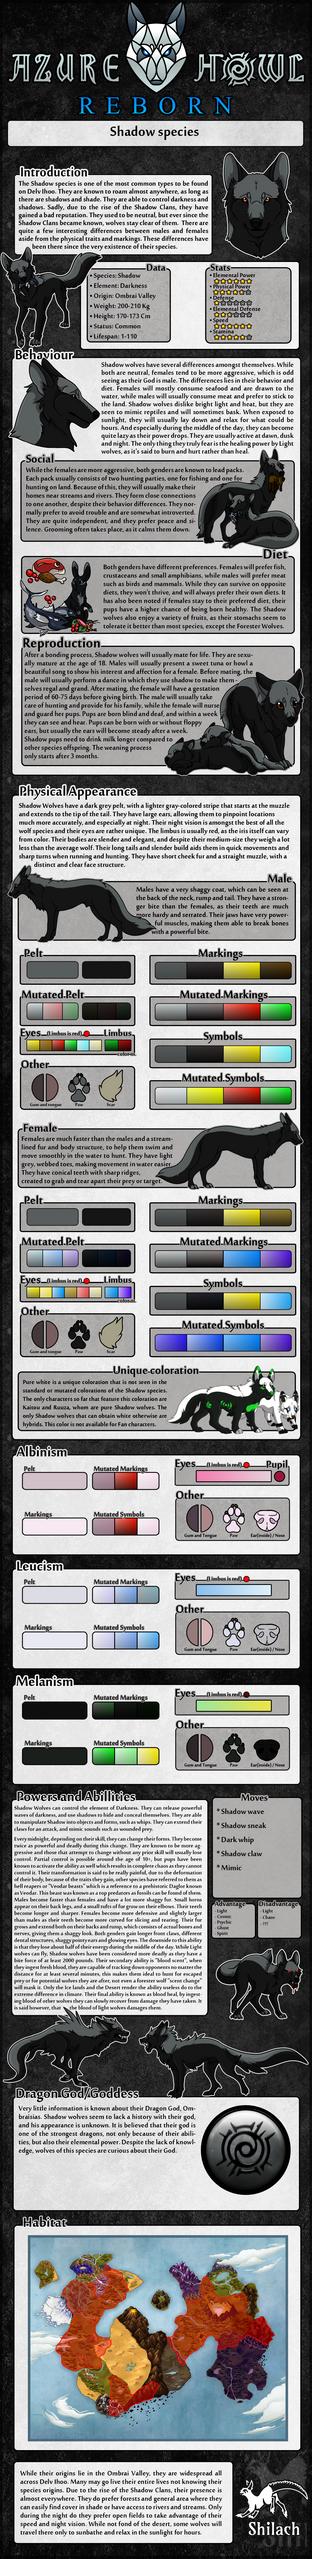 AzureHowl Reborn - Shadow species